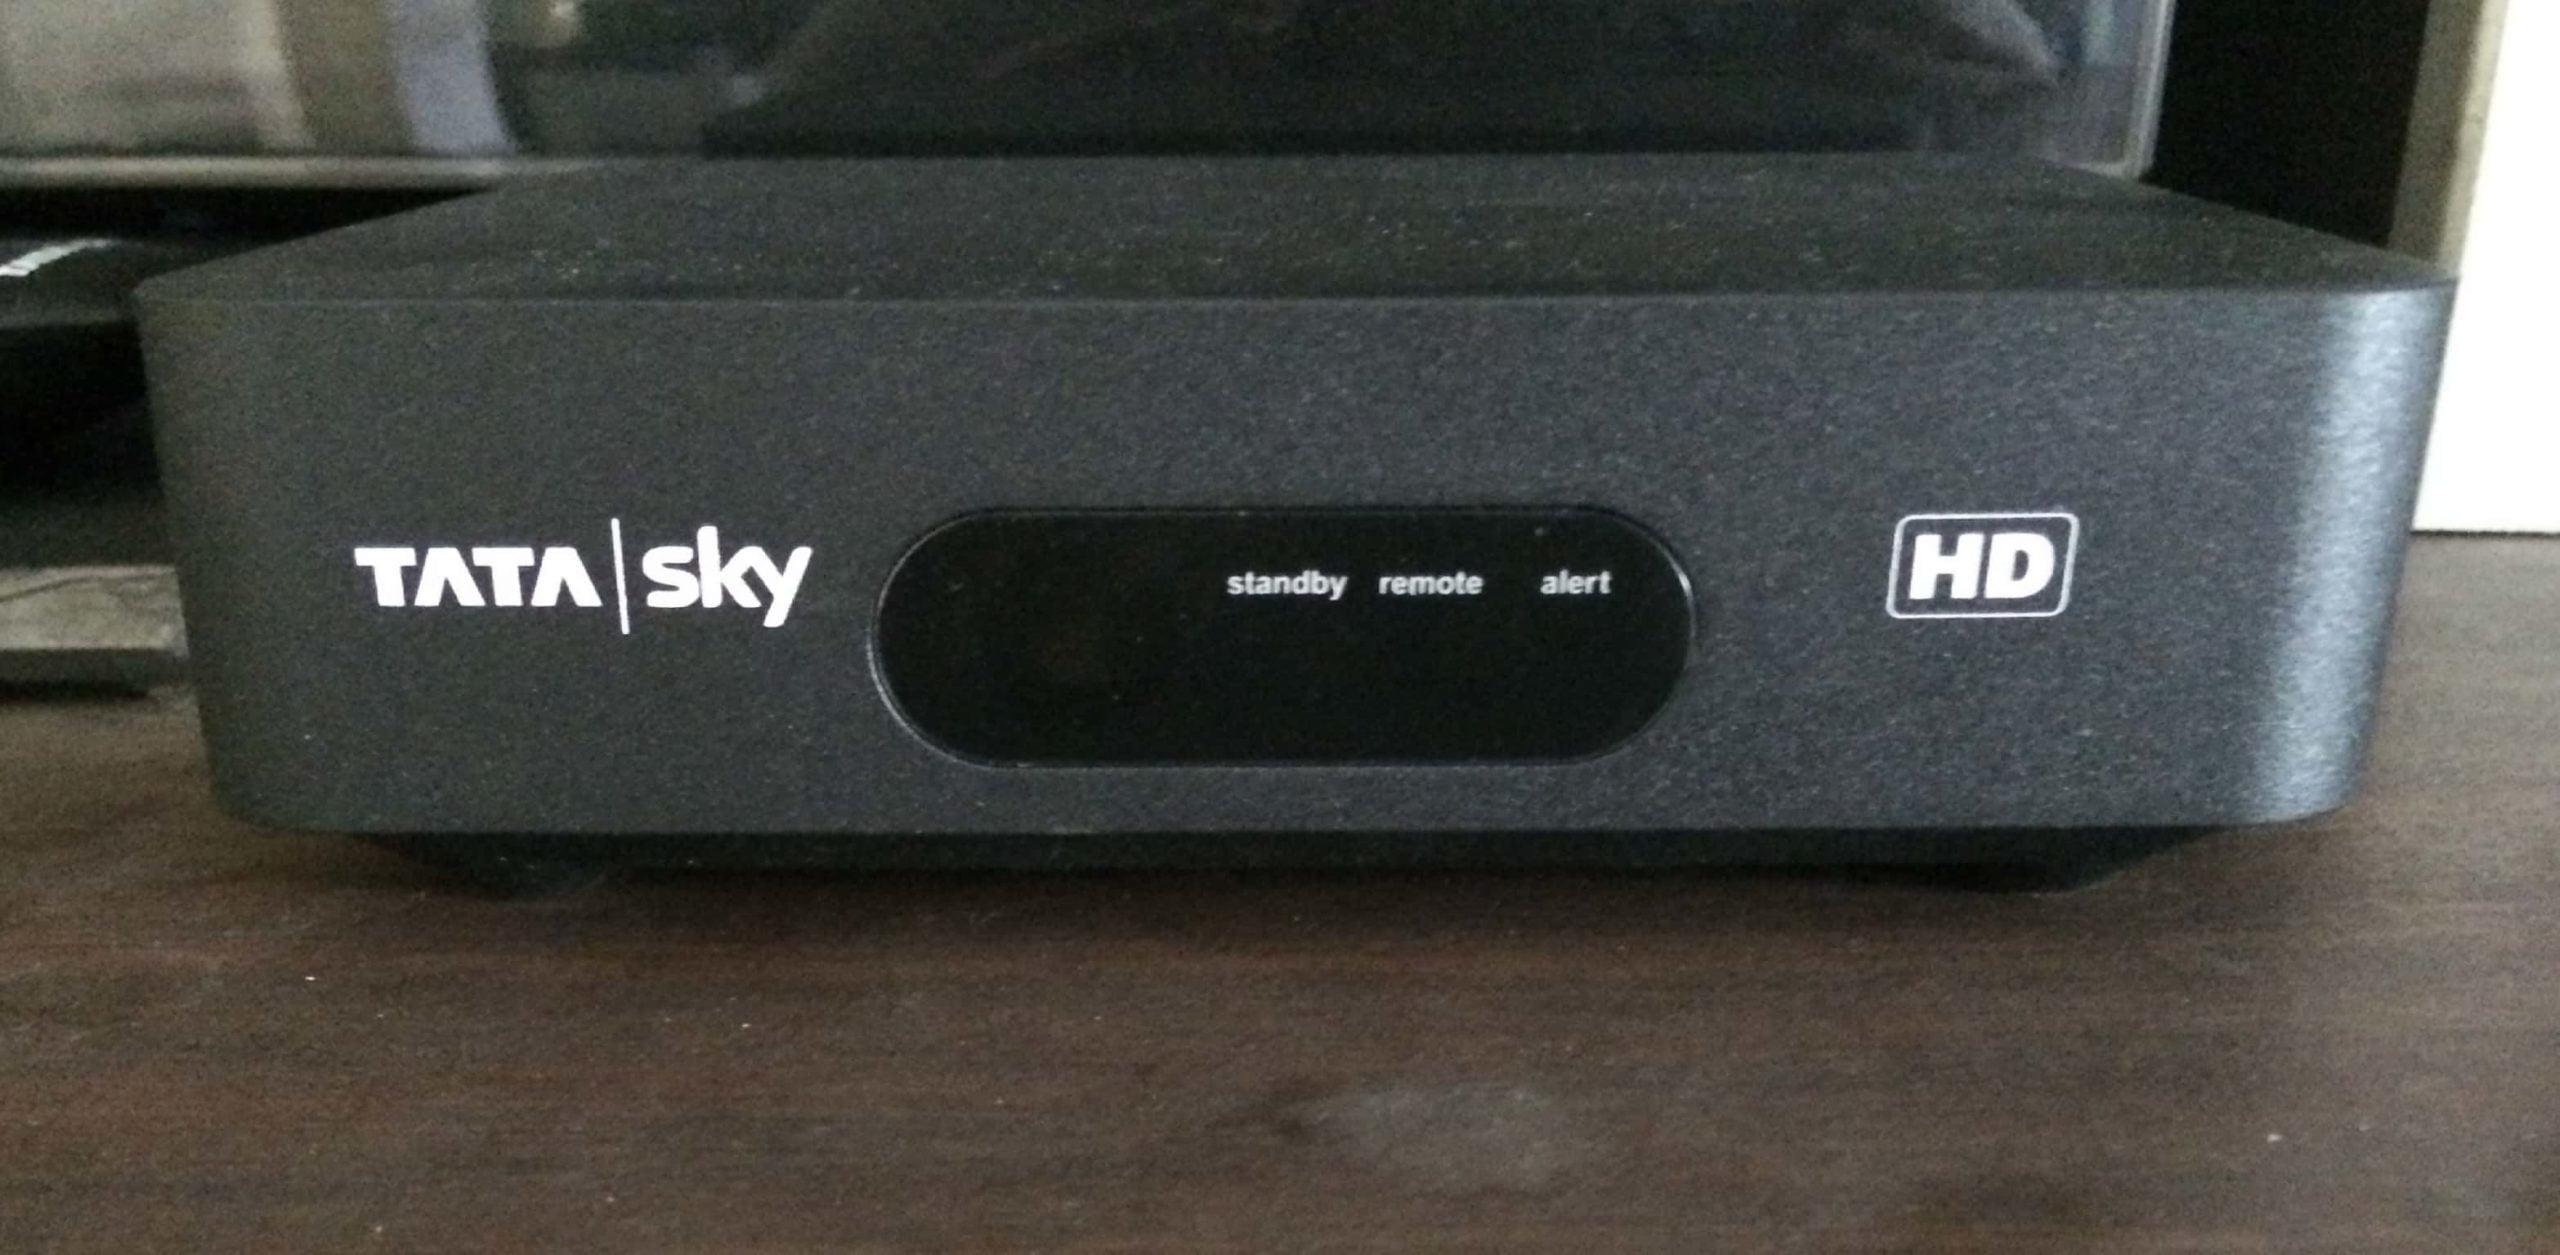 Tata Sky HD STB 2 scaled 1